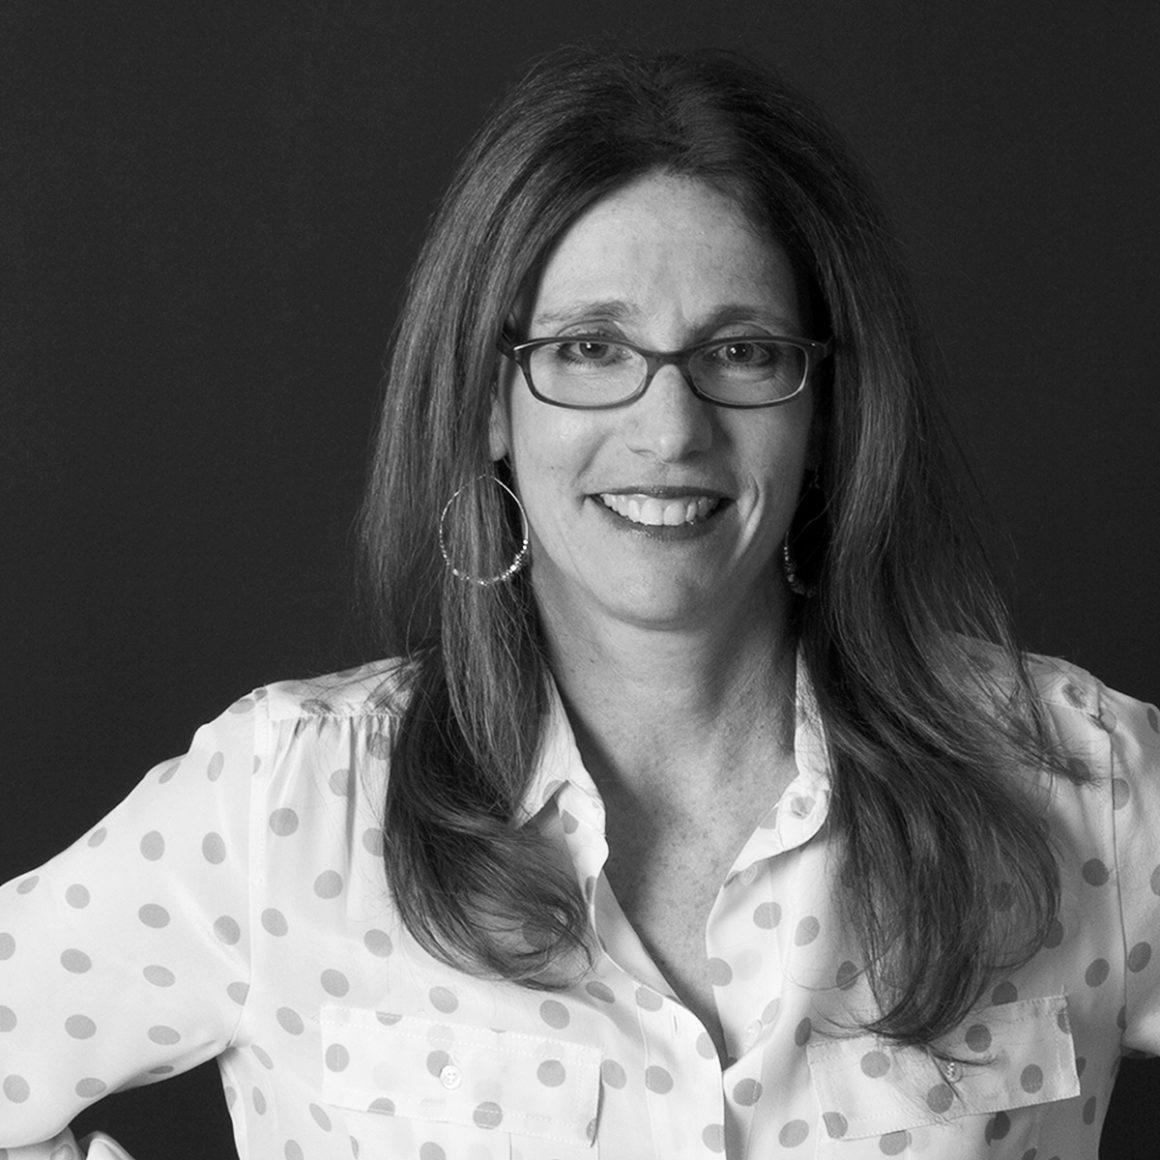 Amy Ehrlich